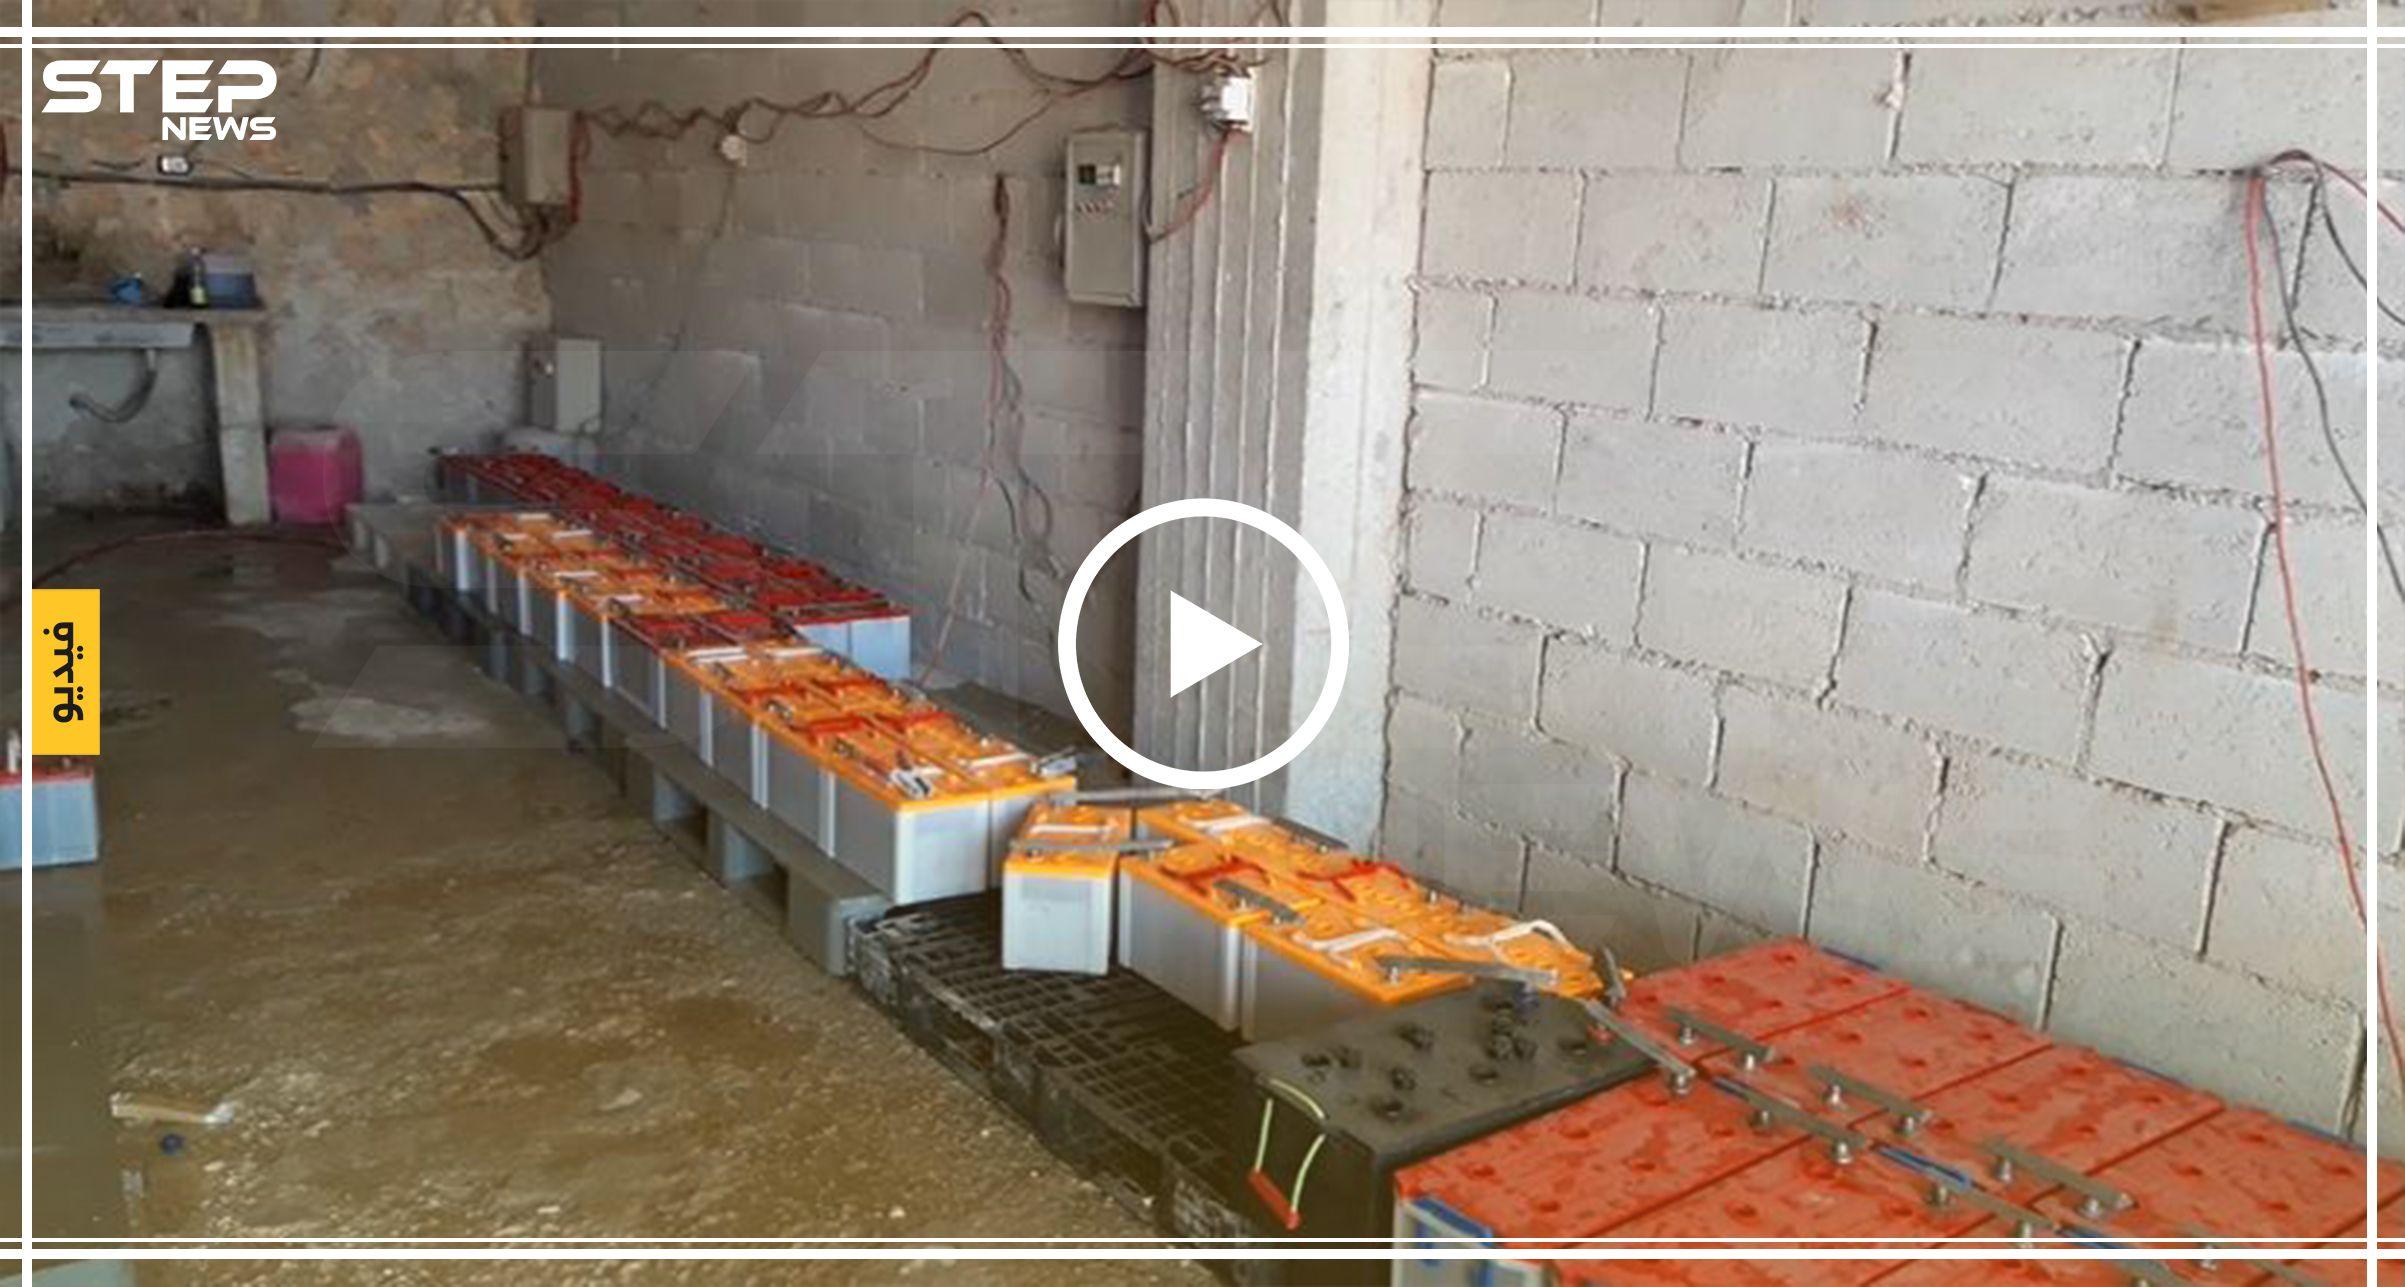 أبو عبدو الذي كانت مهنته تجارة الآليات في بلده في ريف حماة يعمل الآن في تجديد وتصنيع البطاريات التي يستخدمها السوريون في Ashley Johnson Selina Kyle Karen Page